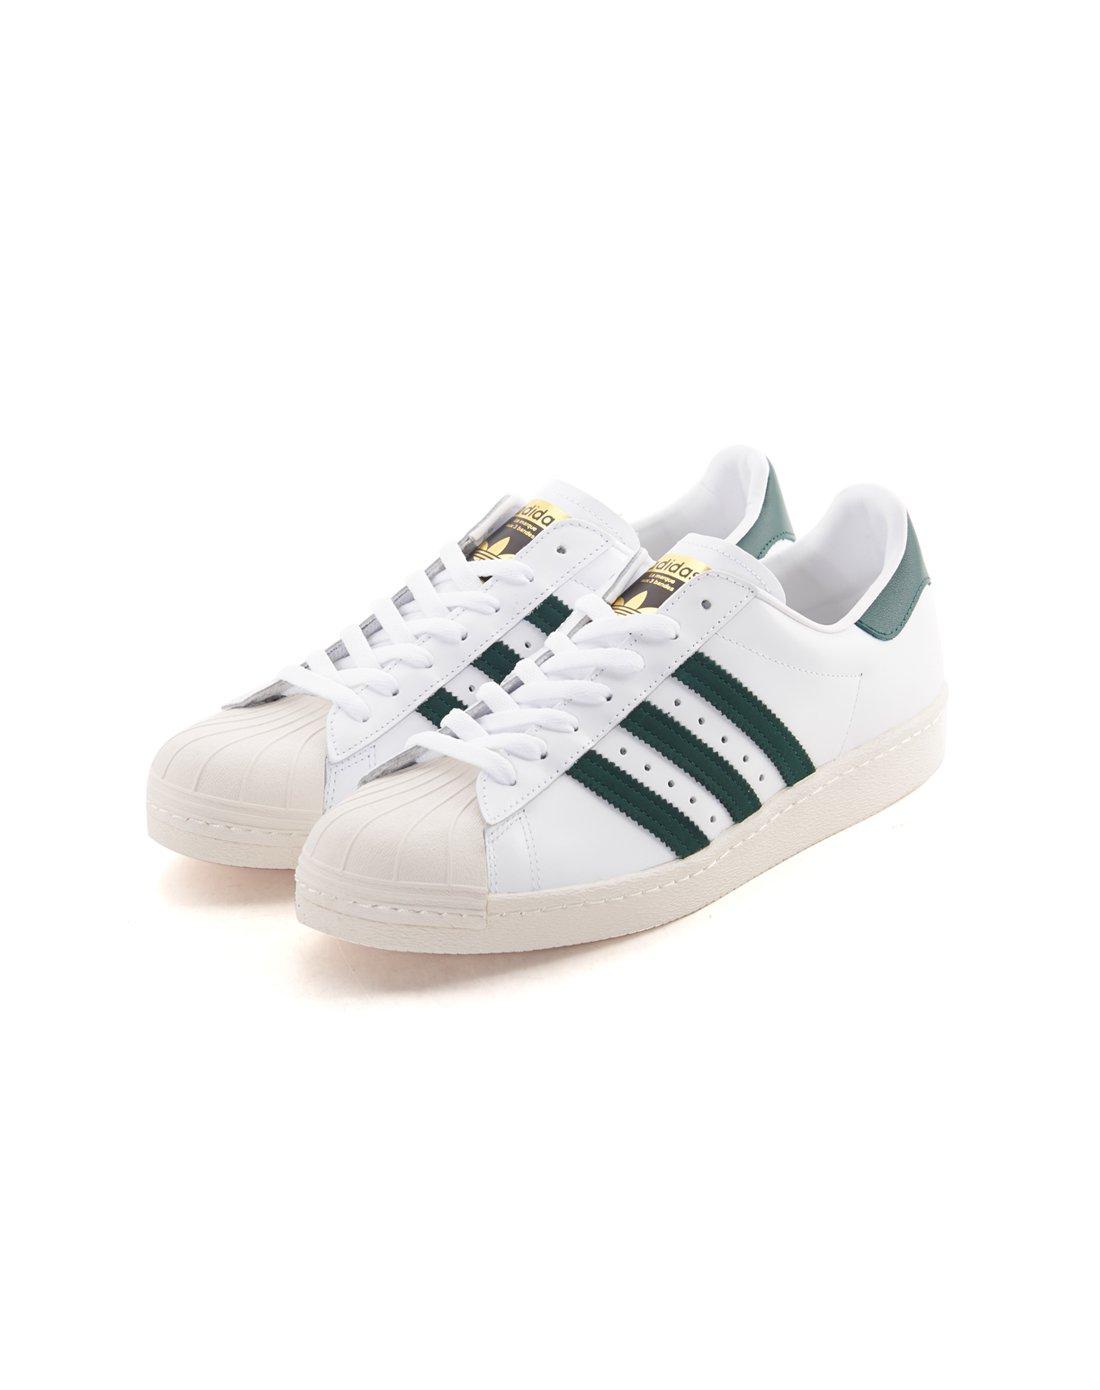 阿迪达斯阿迪达斯adidas 三叶草系列经典休闲男款运动休闲鞋小白鞋bb2230